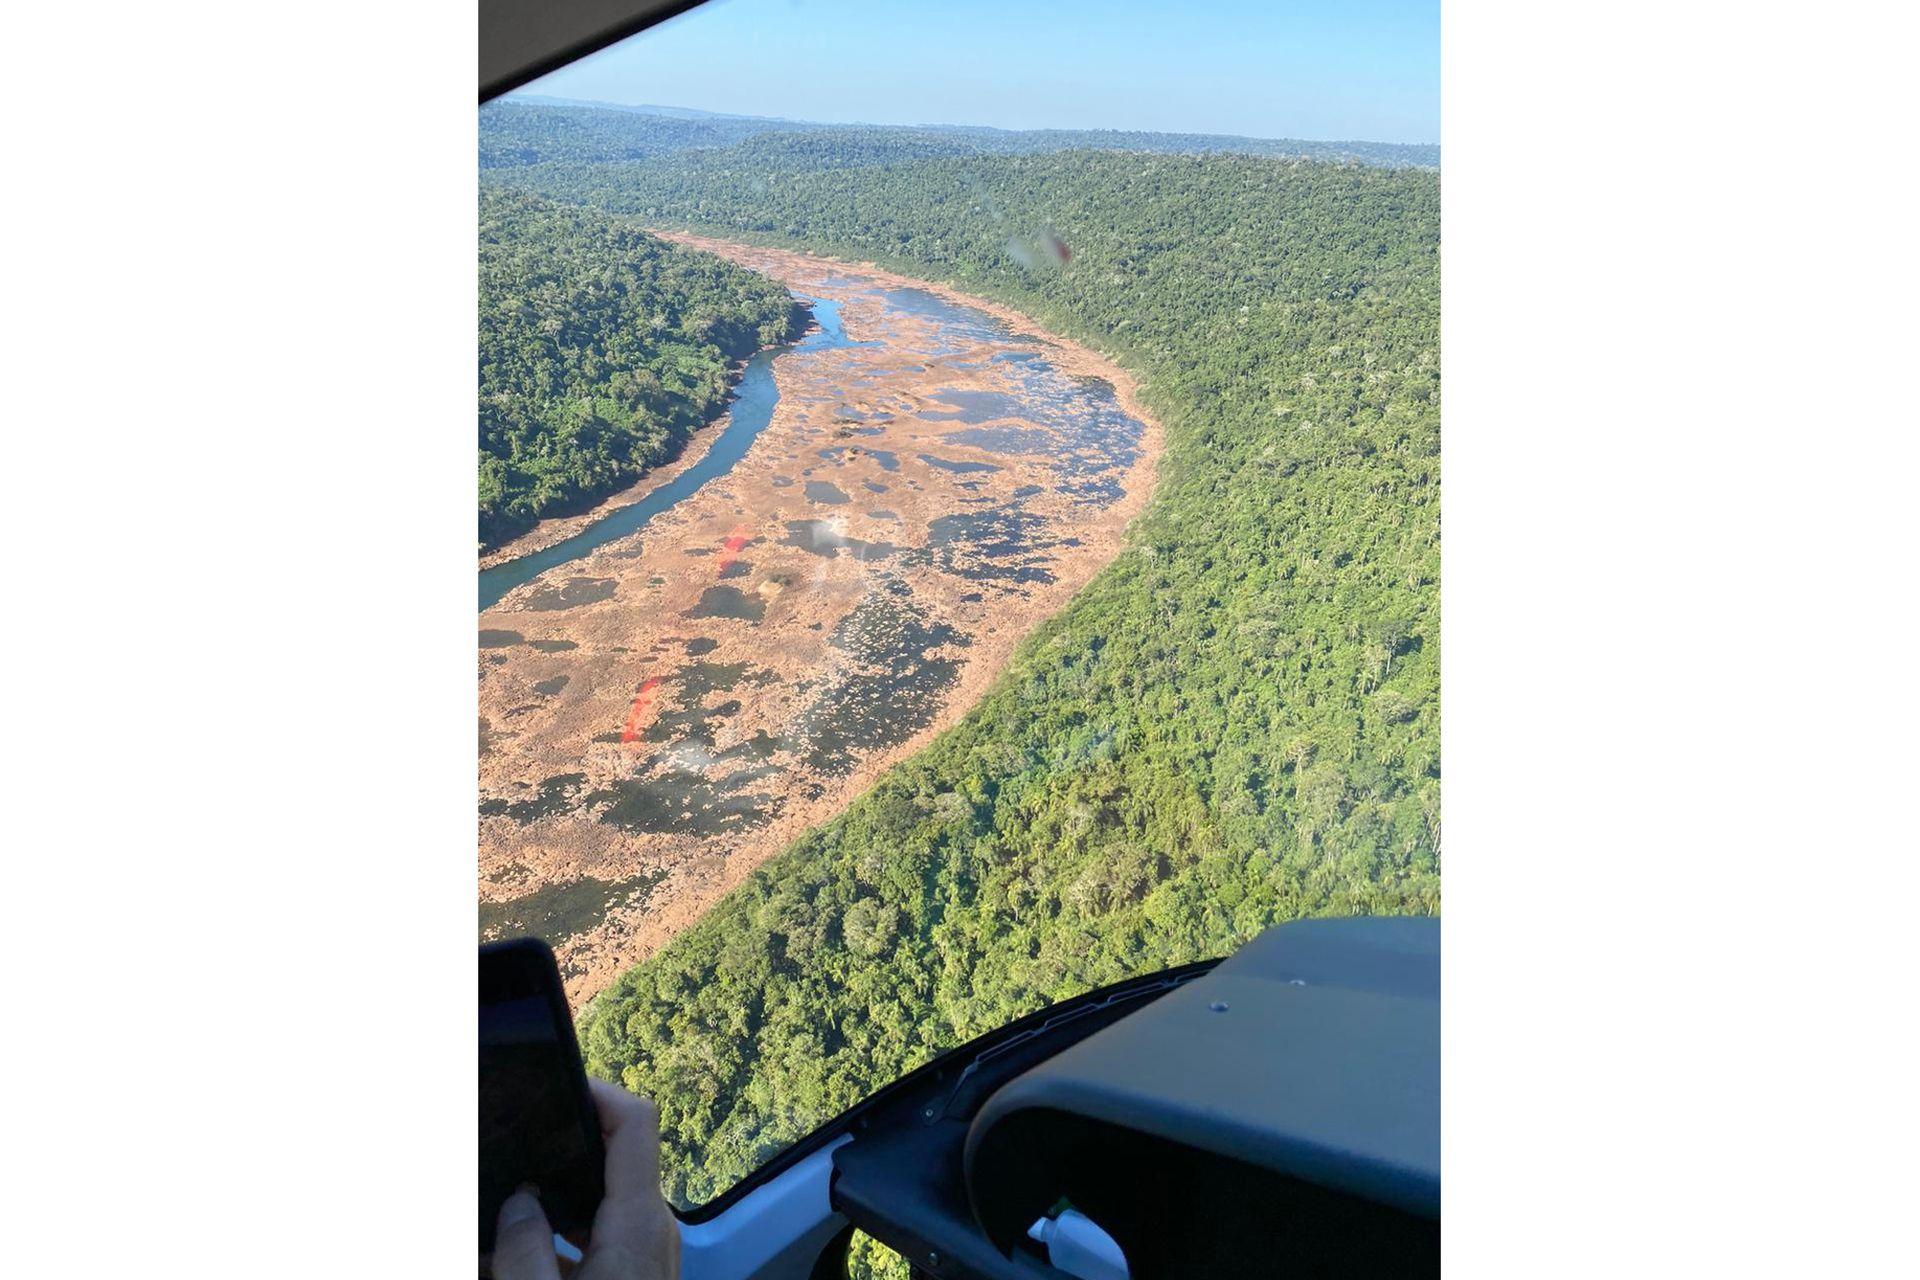 La Argentina (izq) y Brasil (der) divididos por el río Uruguay que se puede pasar casi caminando por la bajante. Foto tomada hacia fin de mayo